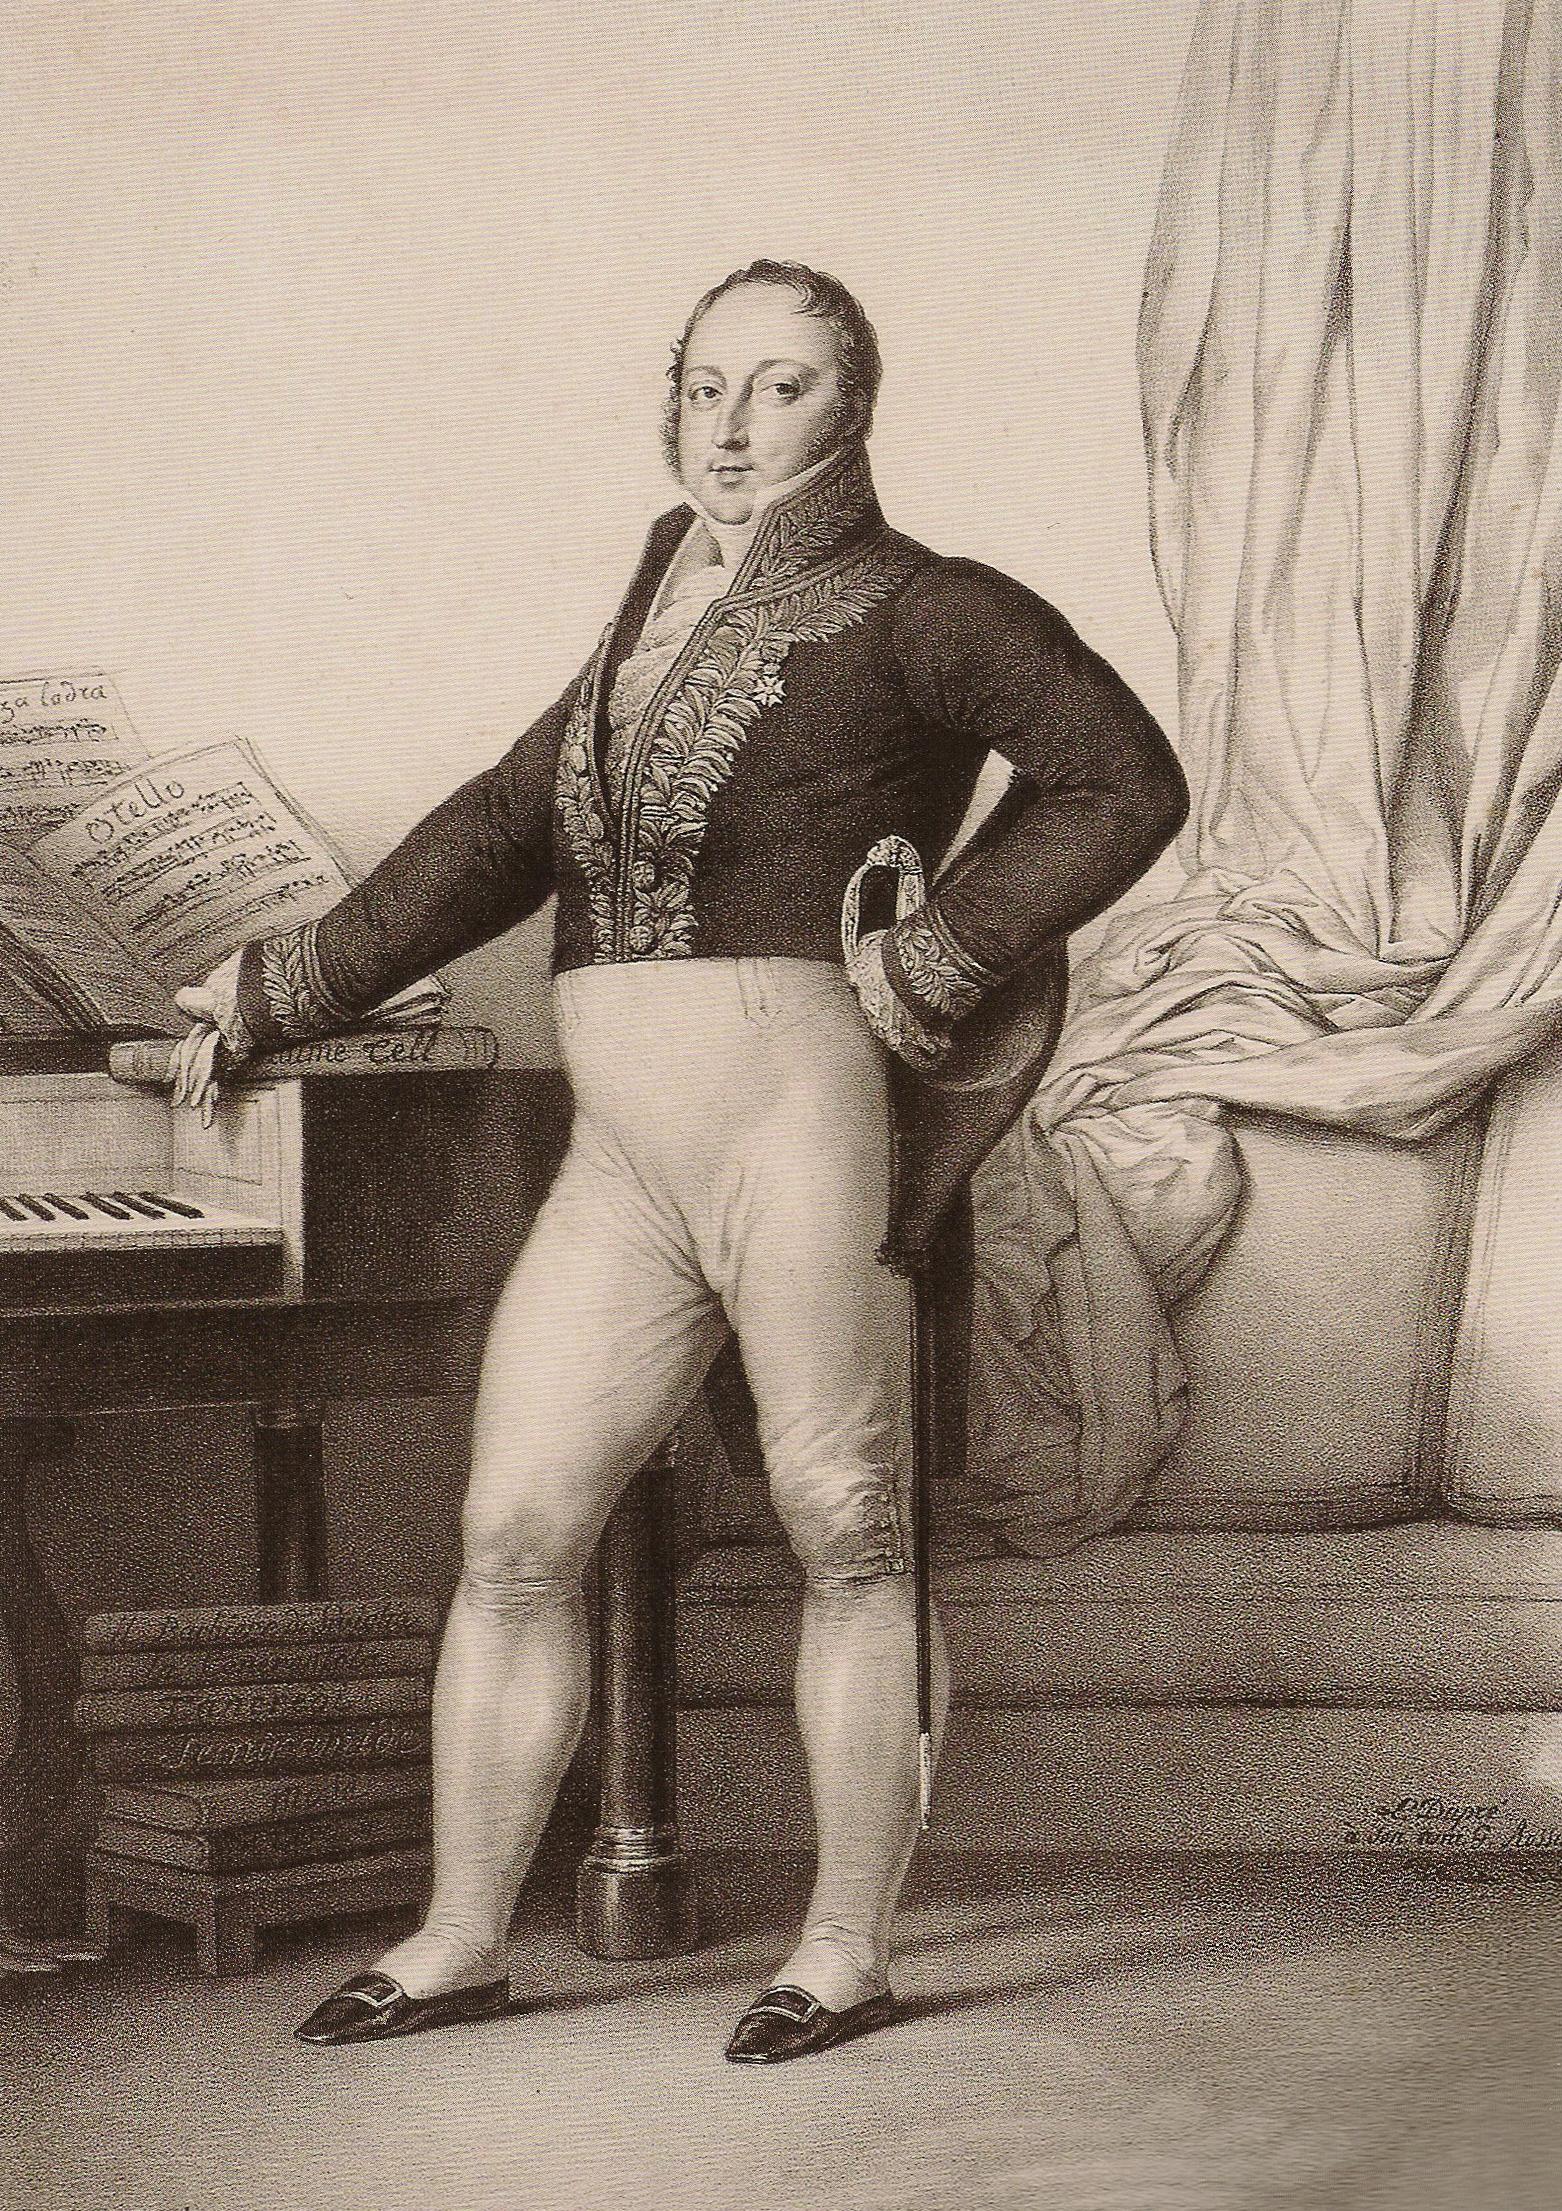 Gioachino Rossini (1792-1868) in 1829